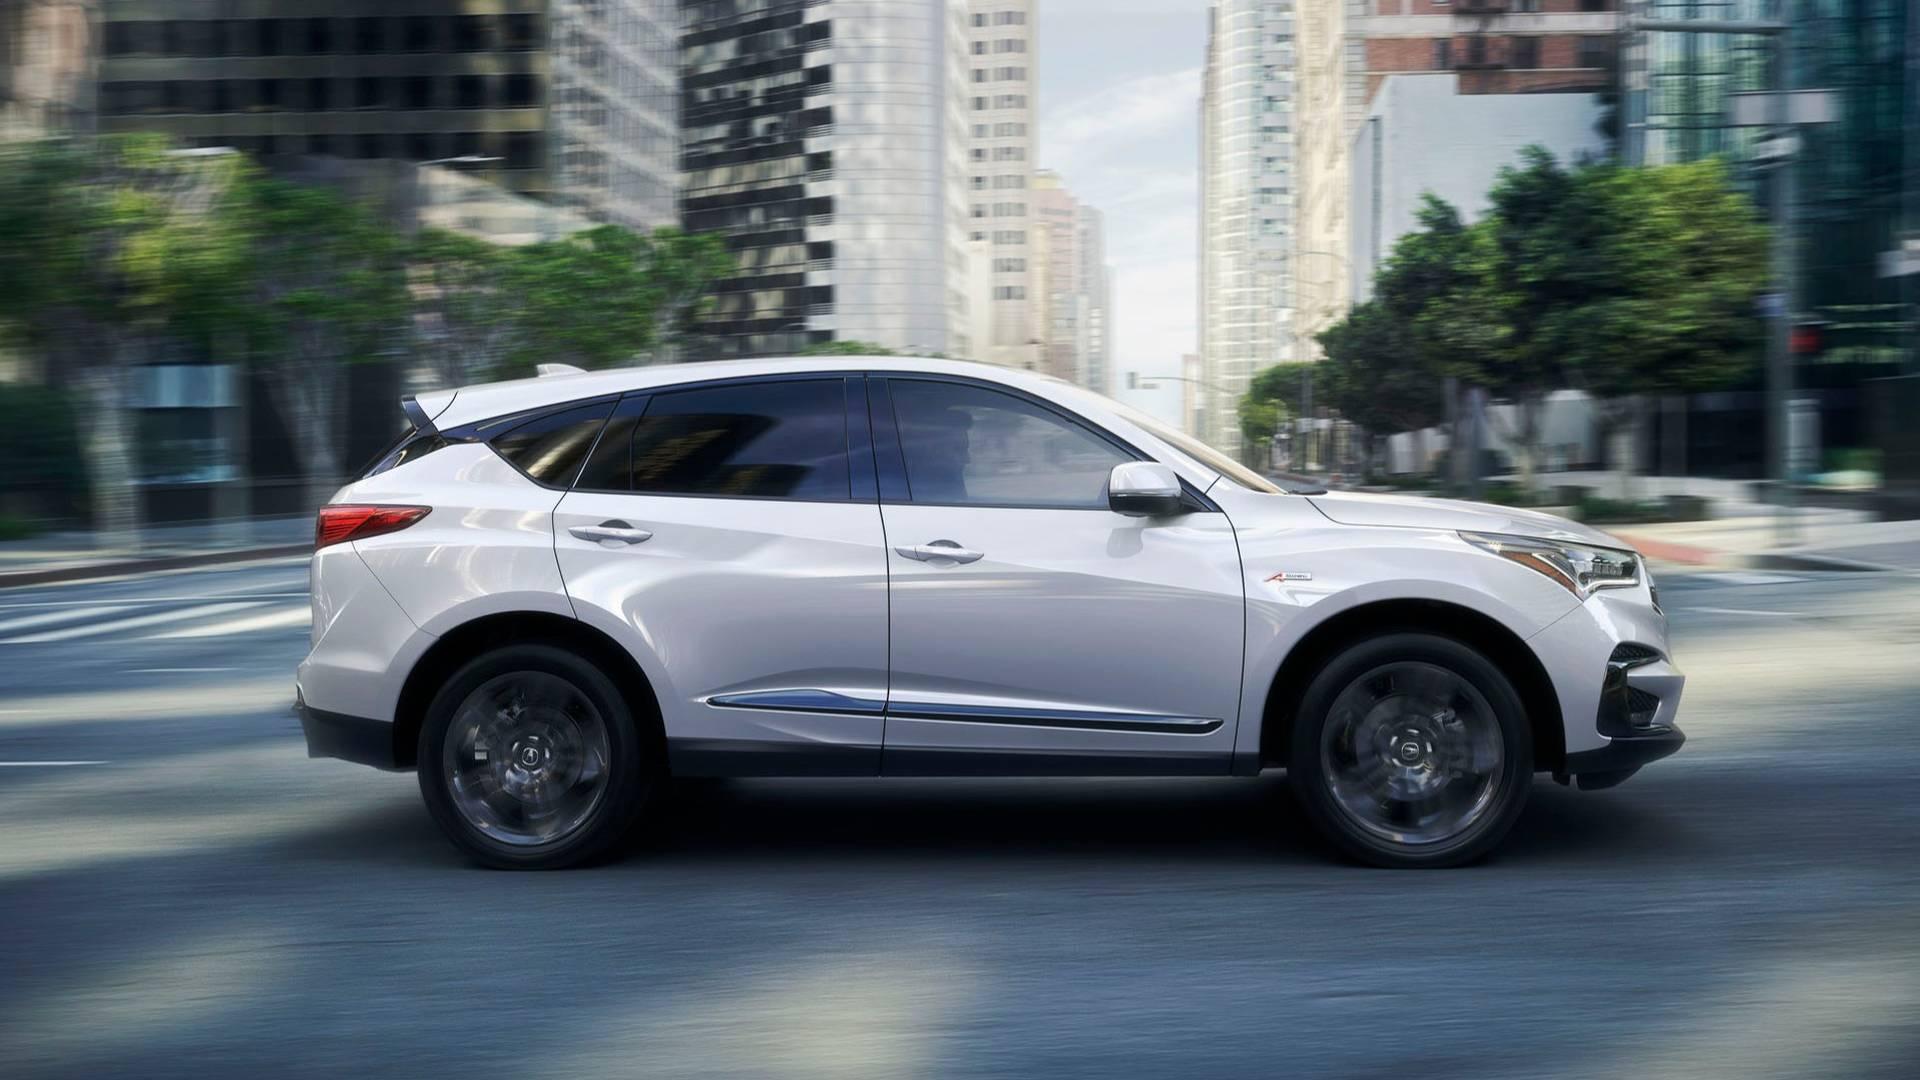 2020 acura rdx adds platinum white exterior color